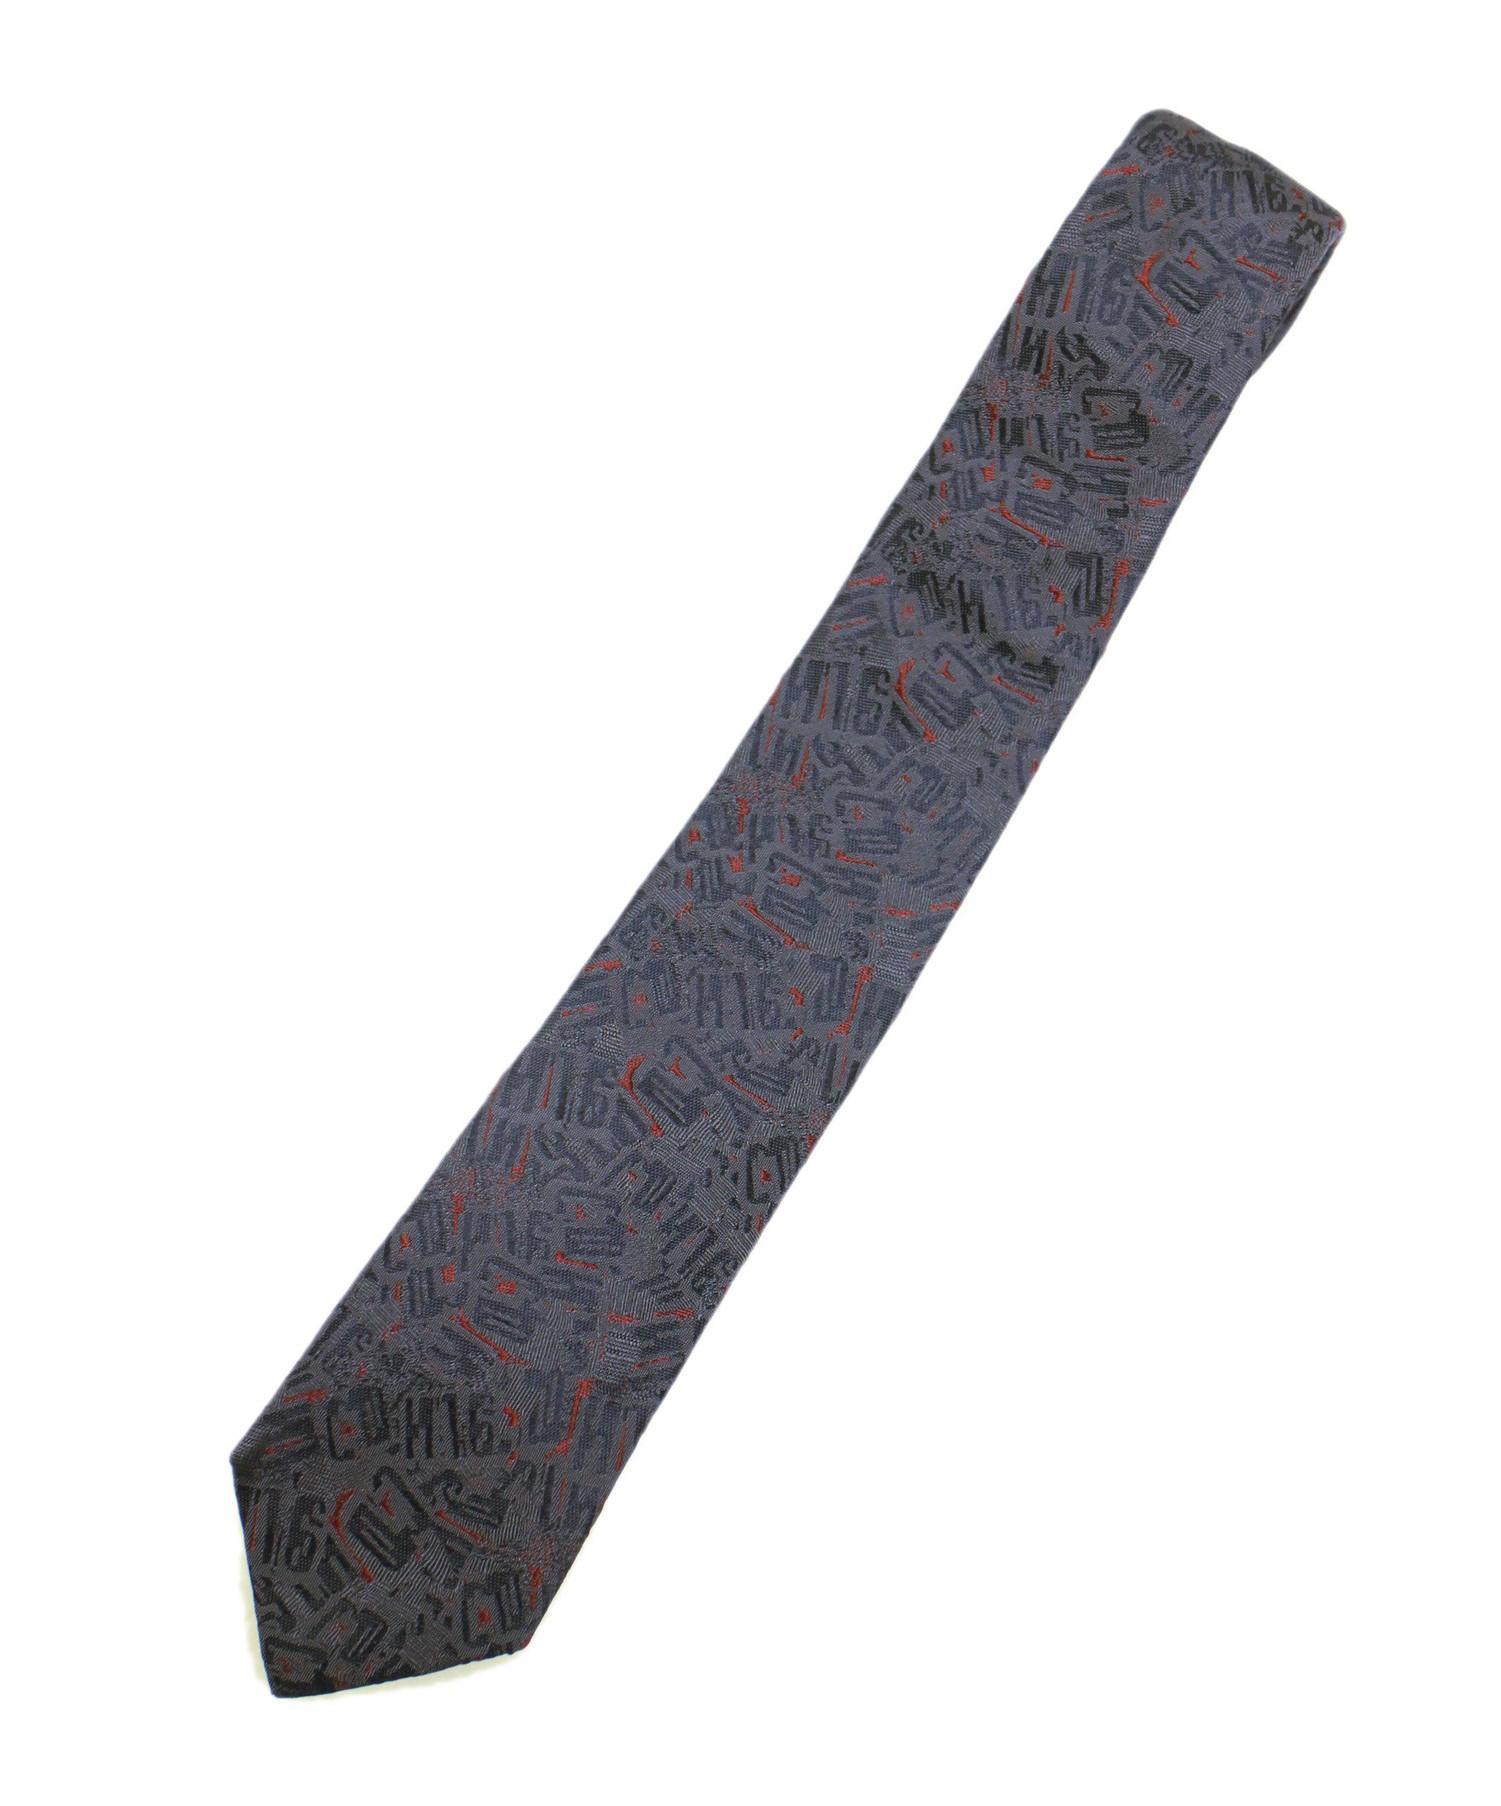 reputable site 38714 350f6 [中古]Dior Homme(ディオールオム)のメンズ 服飾小物 ネクタイ